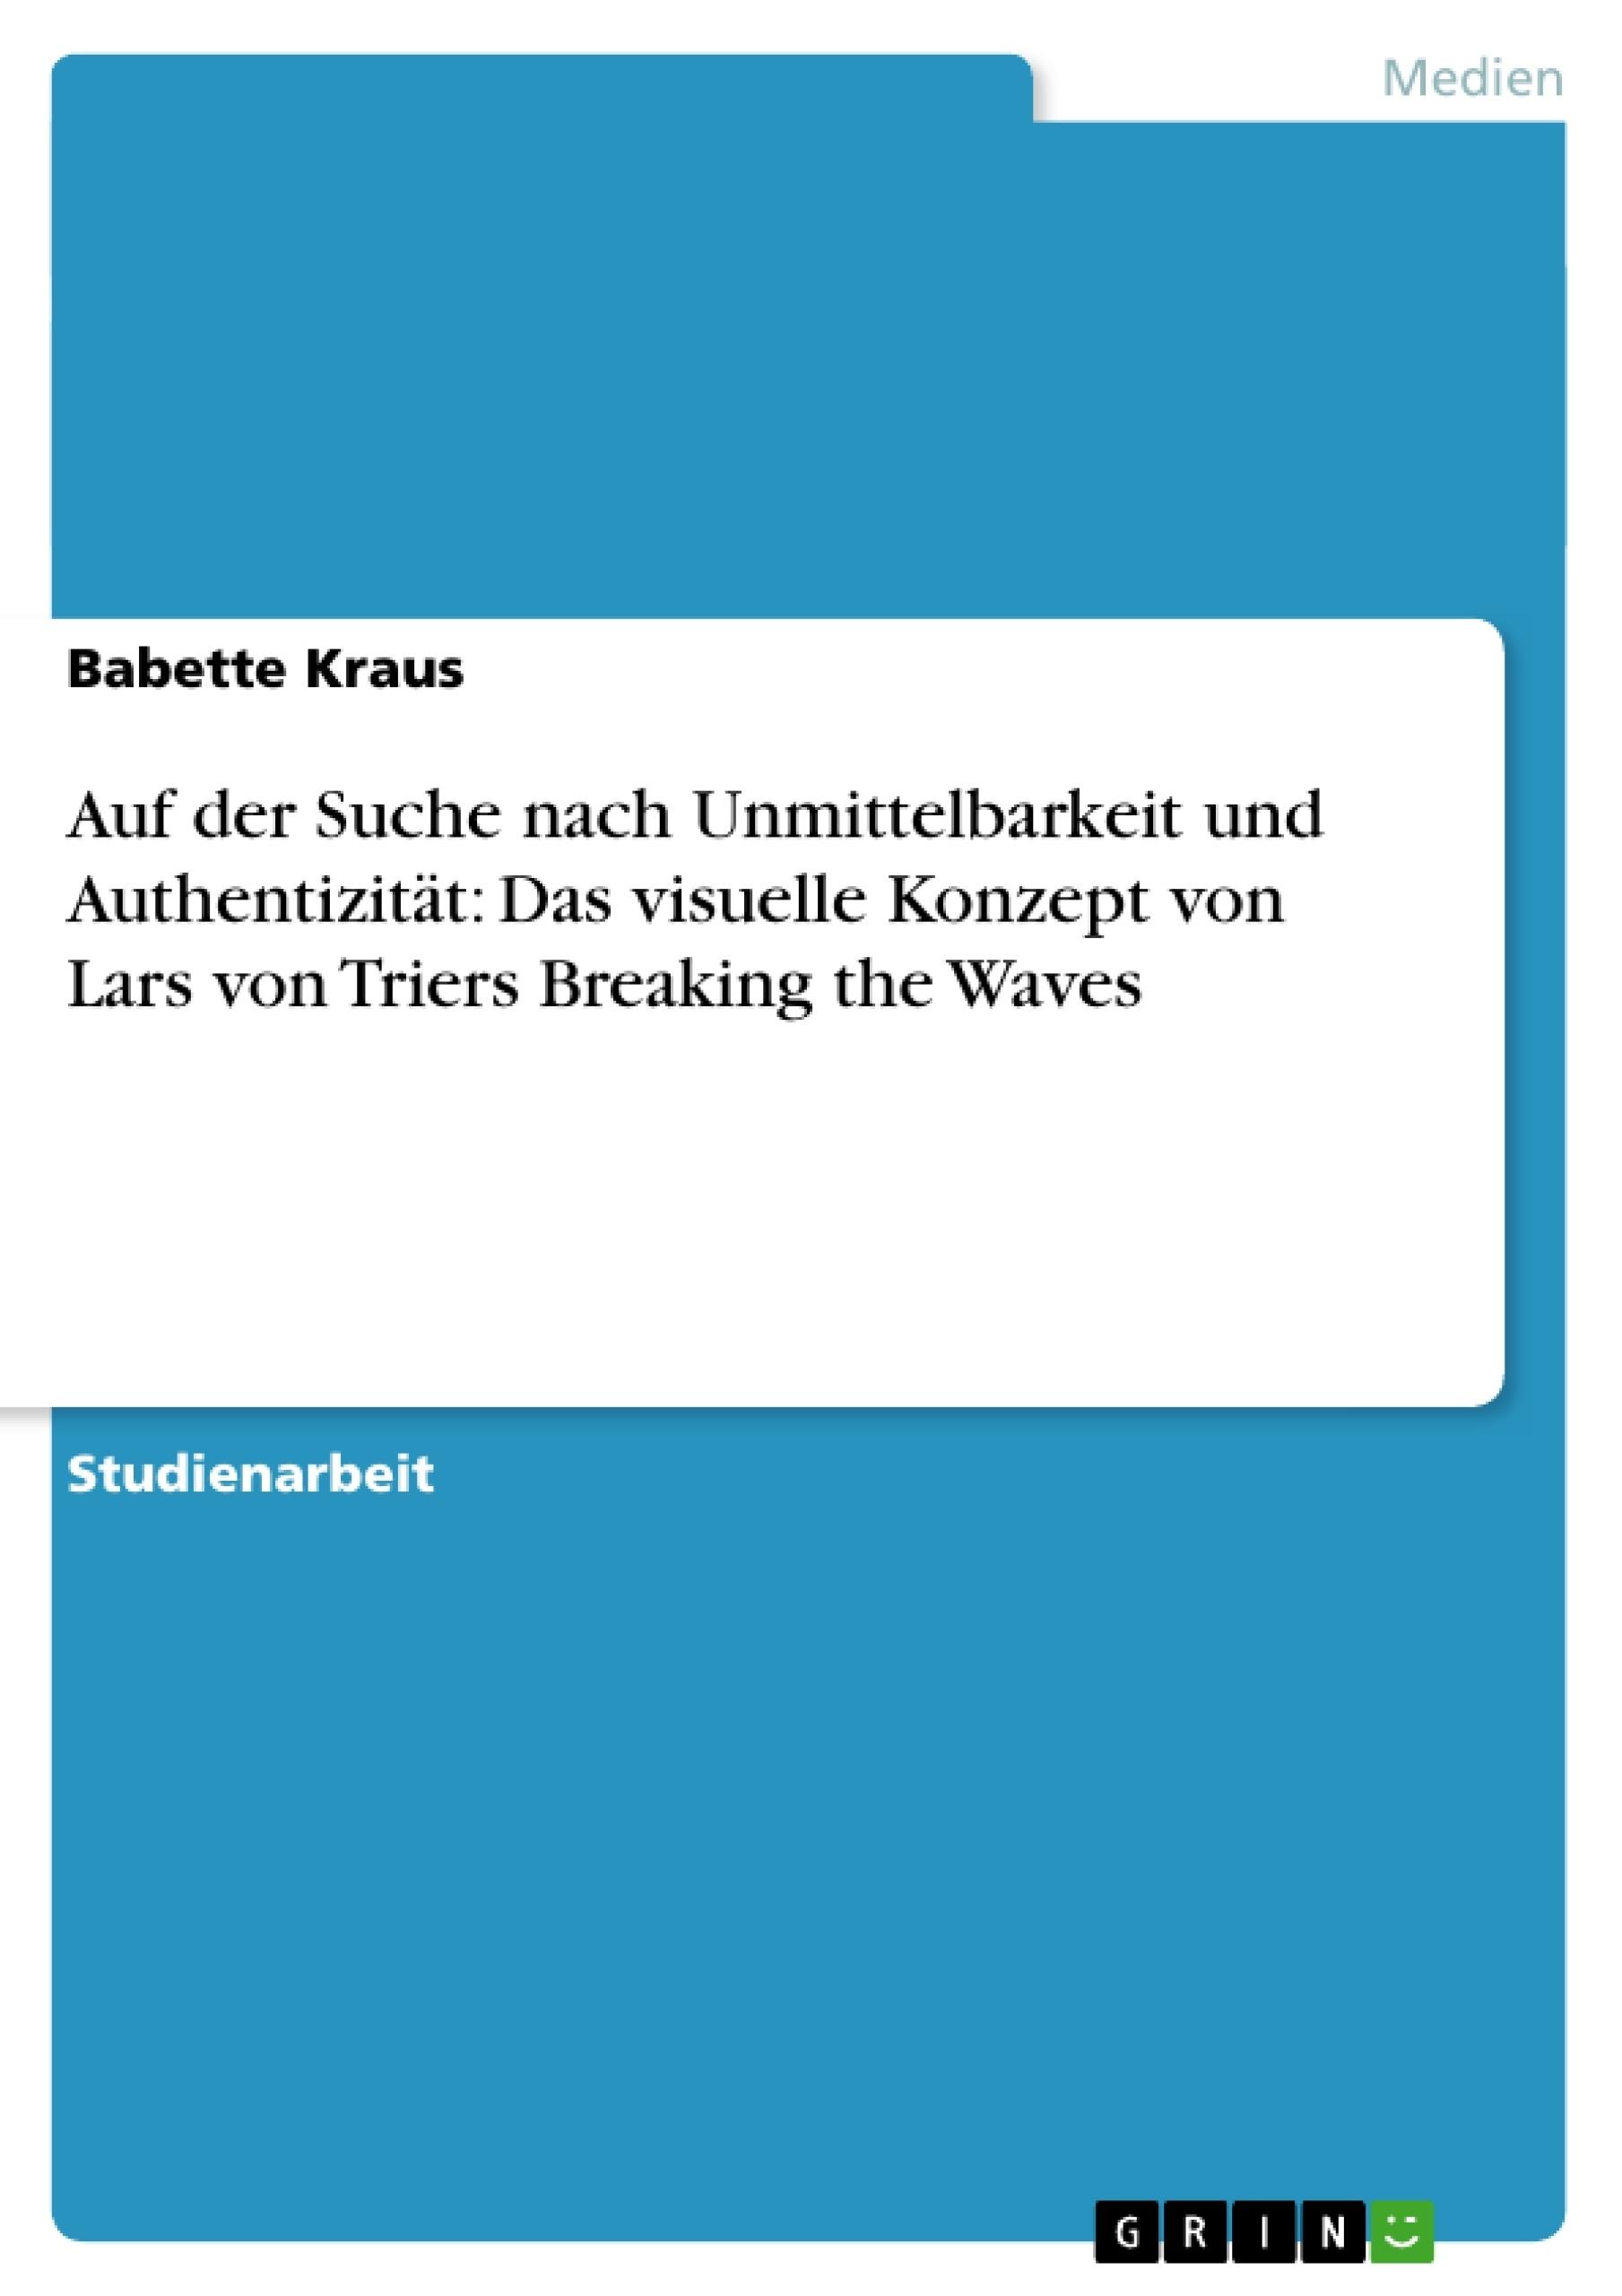 Titel: Auf der Suche nach Unmittelbarkeit und Authentizität: Das visuelle Konzept von Lars von Triers Breaking the Waves